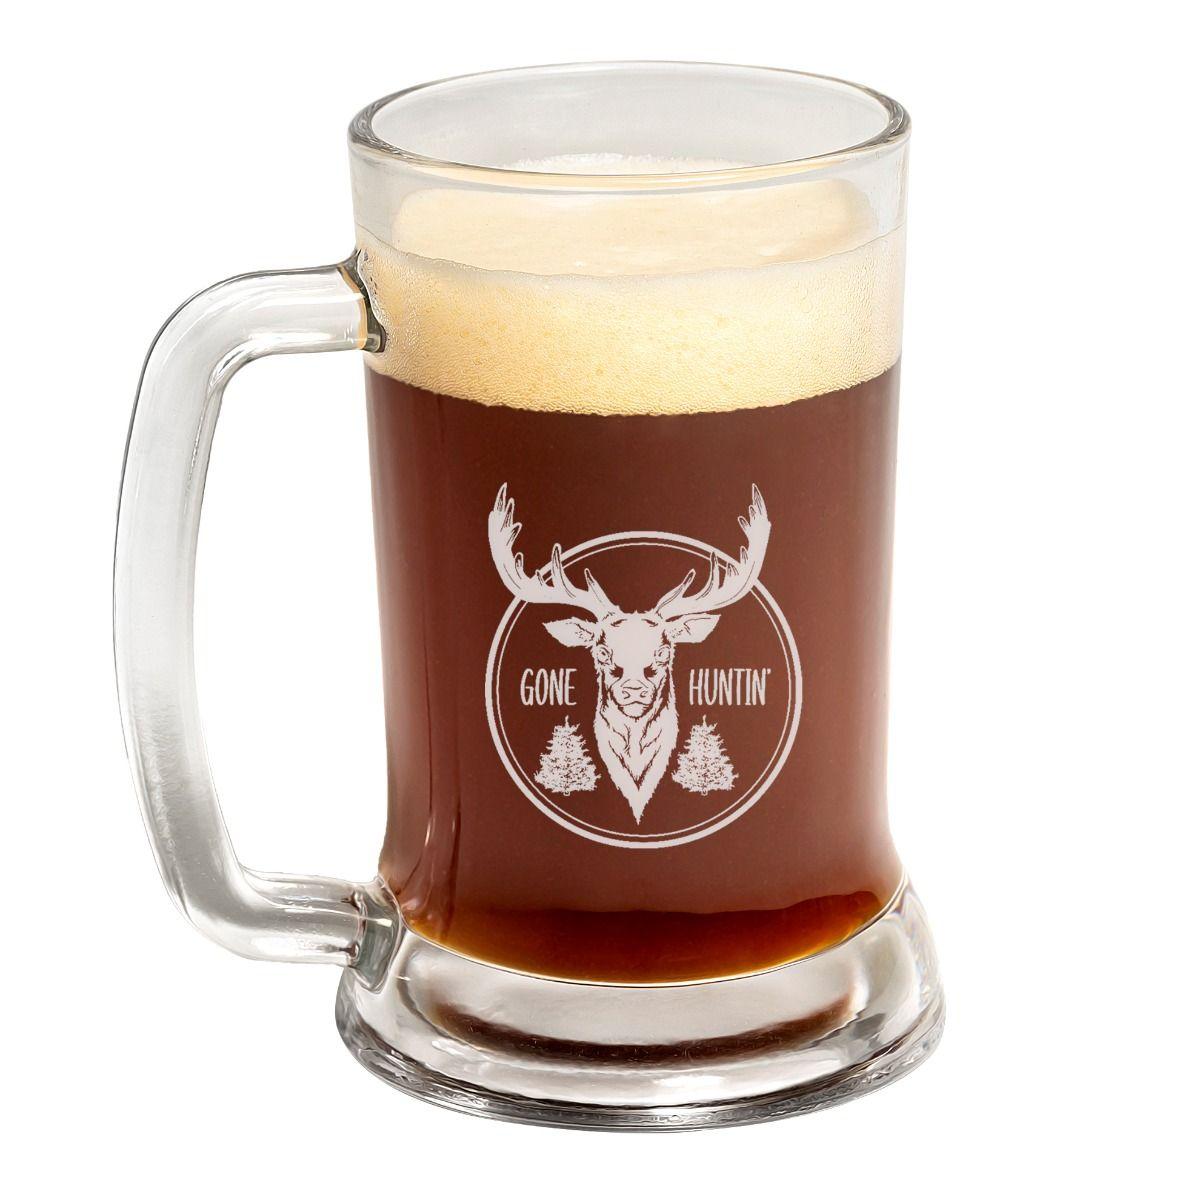 Gone Deer Huntin' Father's Day Beer Mug